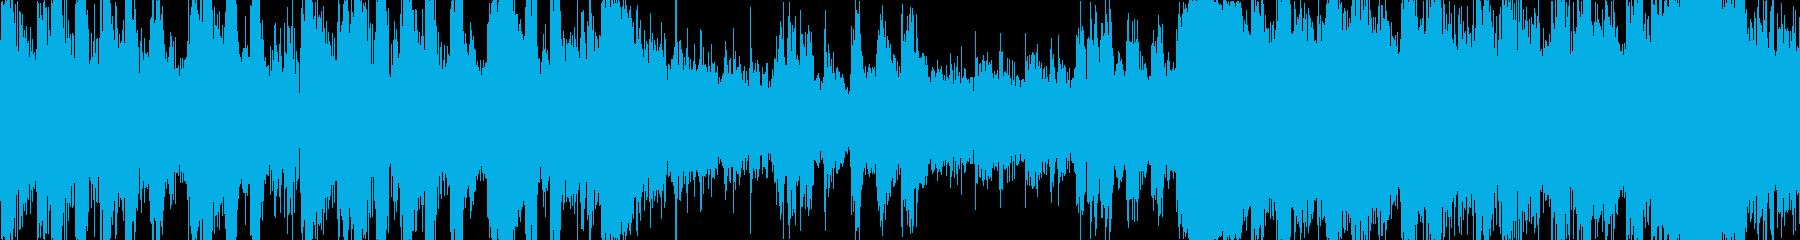 力強いショートBGM(ループ仕様)の再生済みの波形